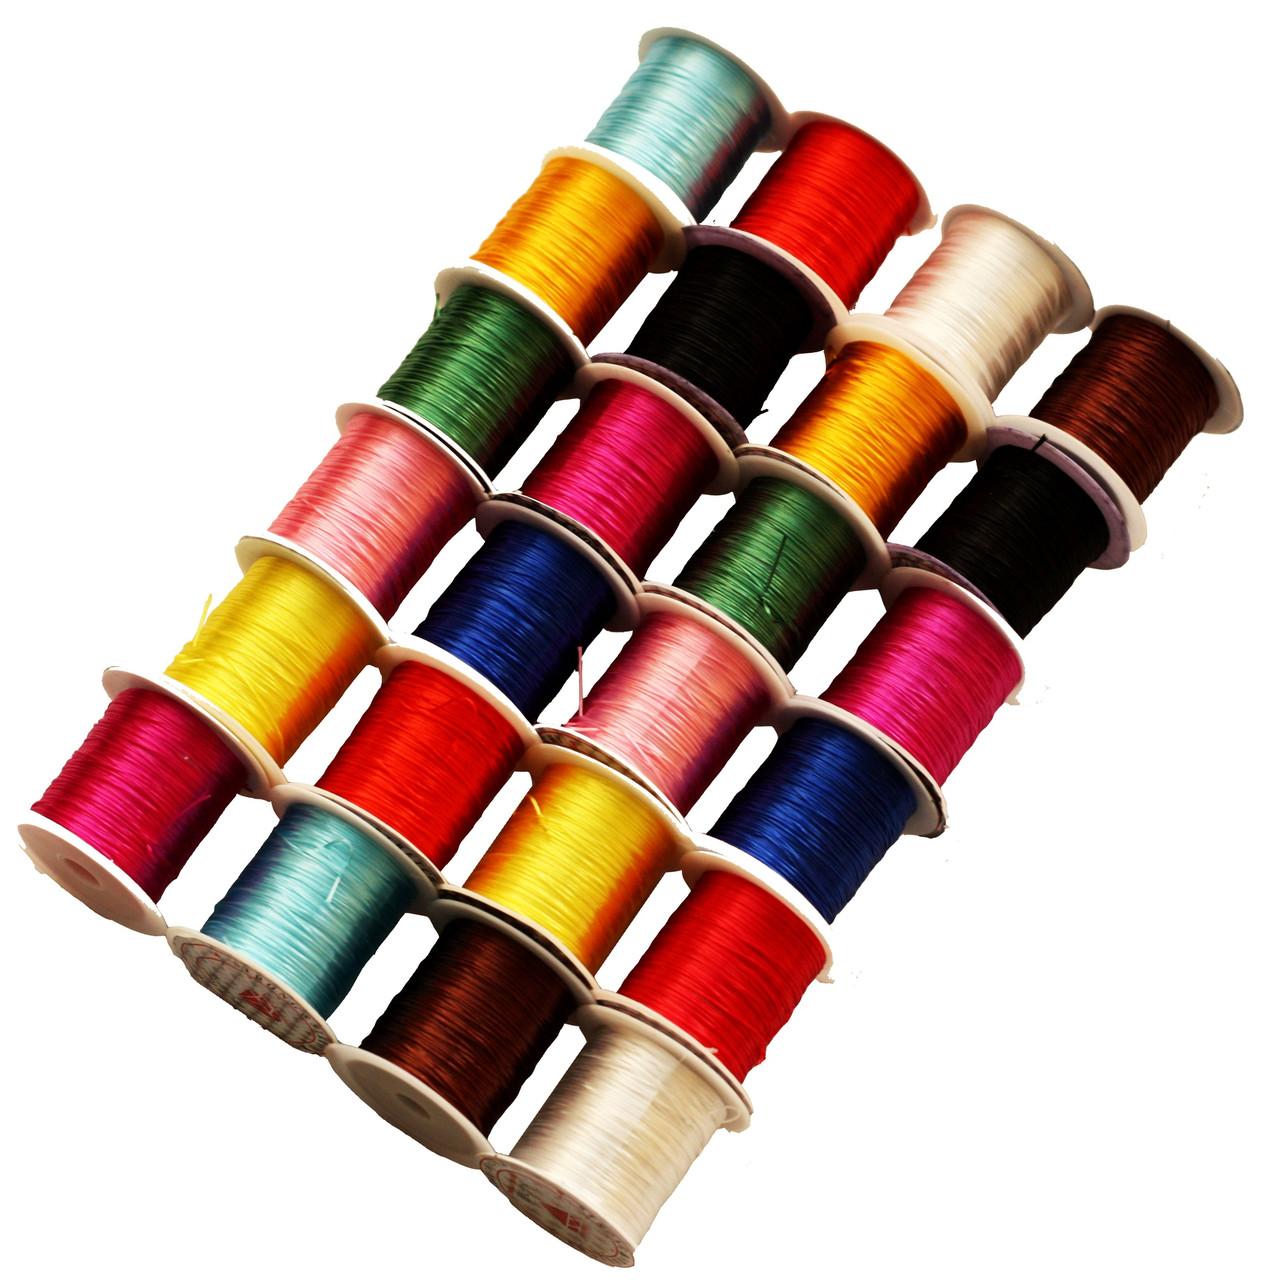 Нитки Силиконовые для рукоделия (25 катушек) цветные ассорти